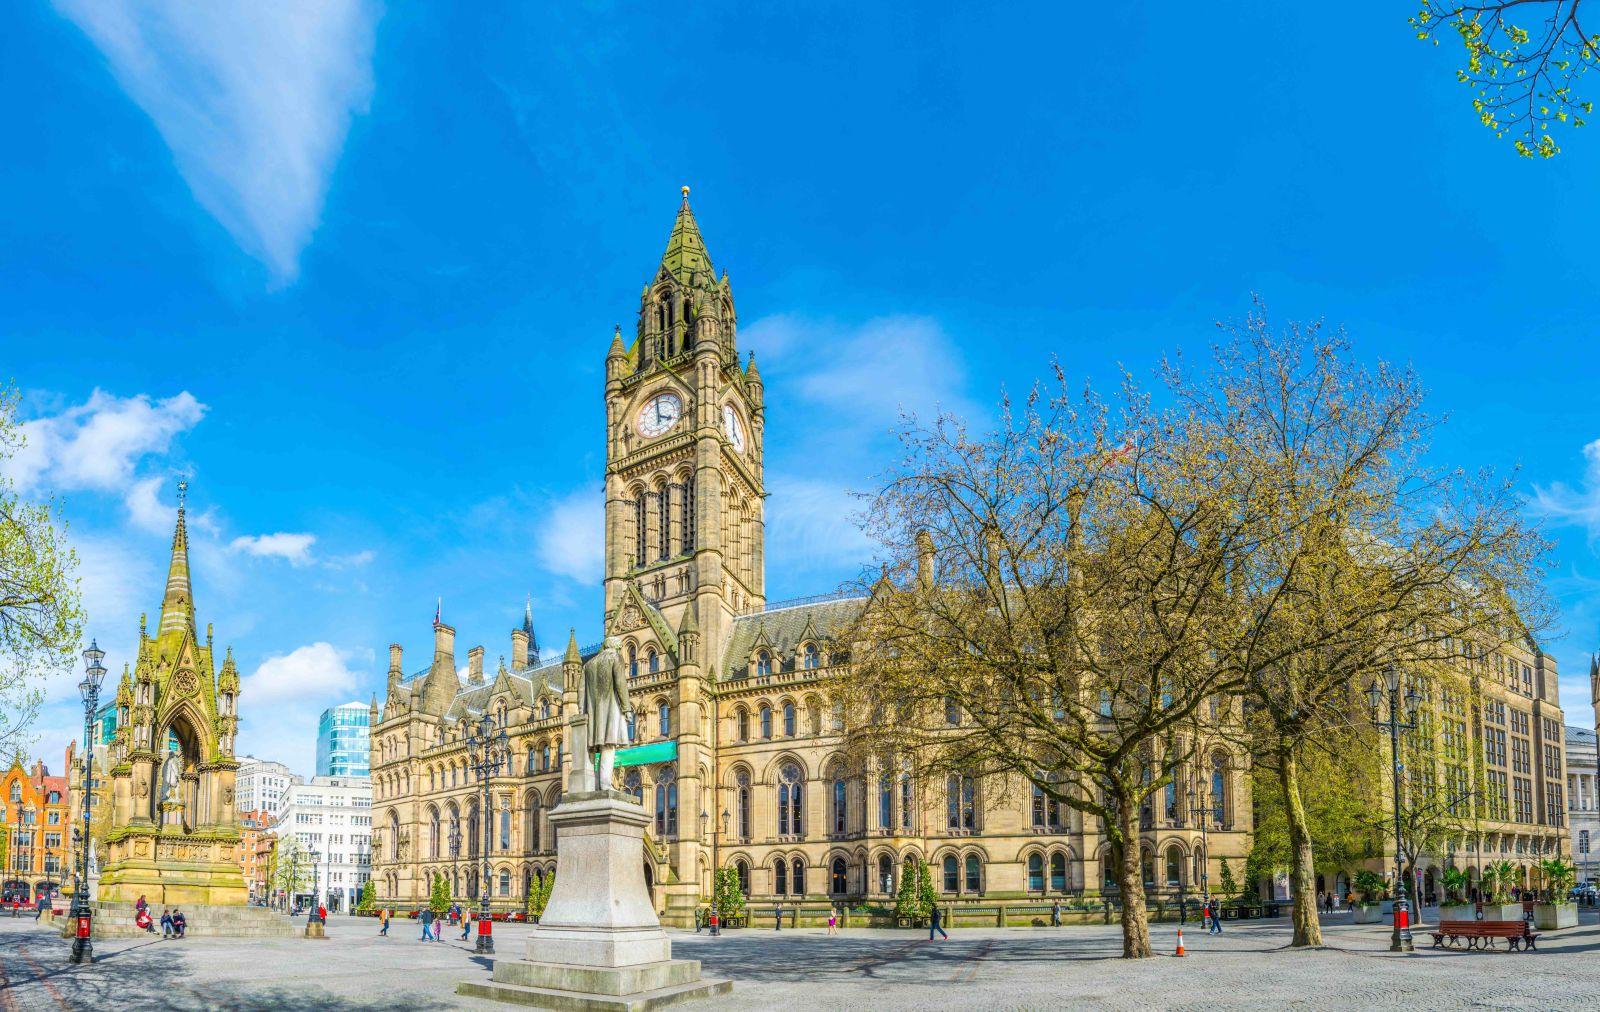 City, Clock tower, England